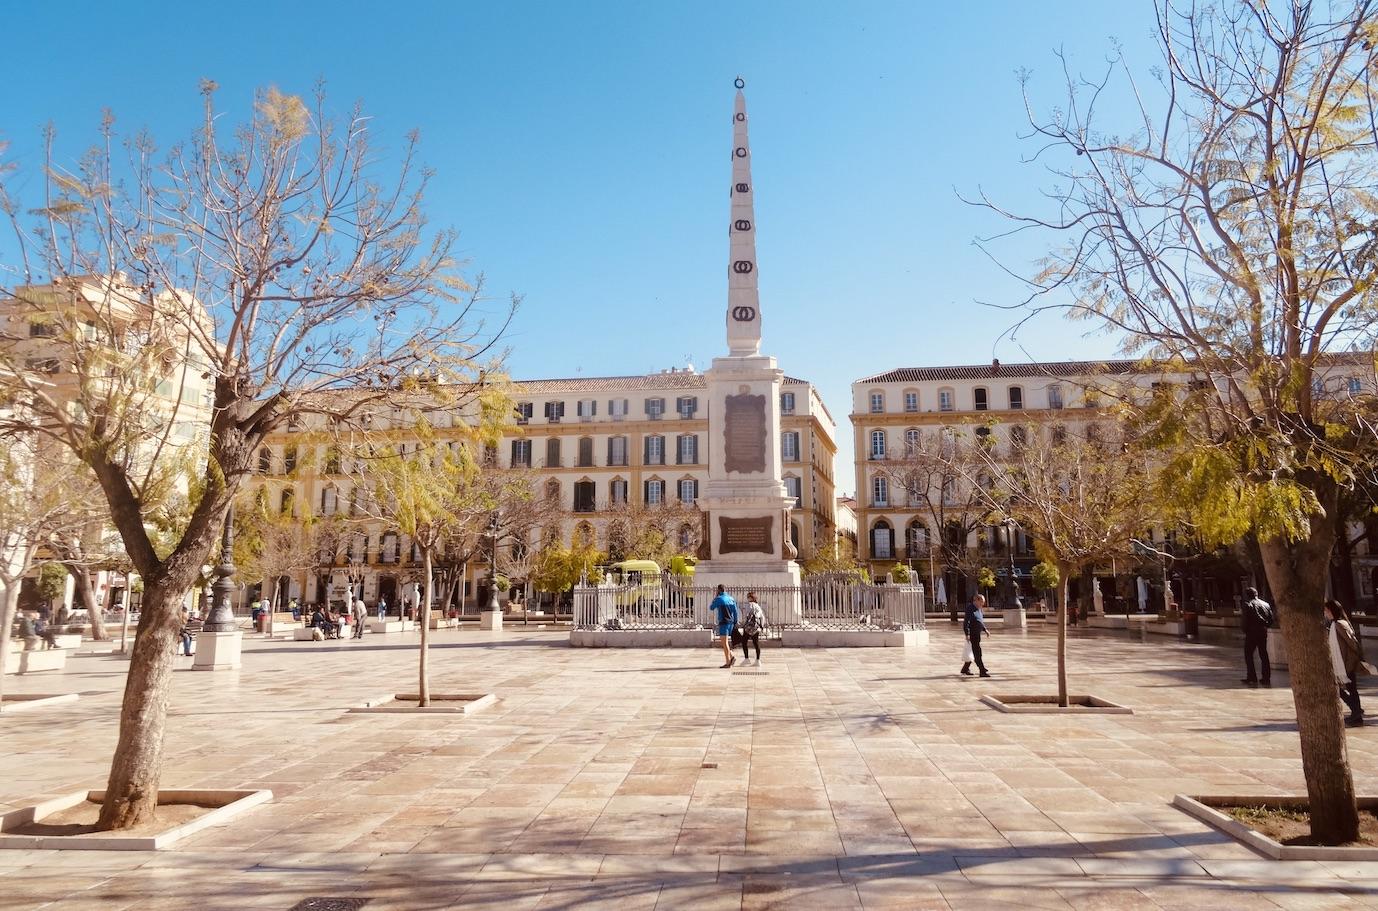 Plaza de la Merced in Malaga.